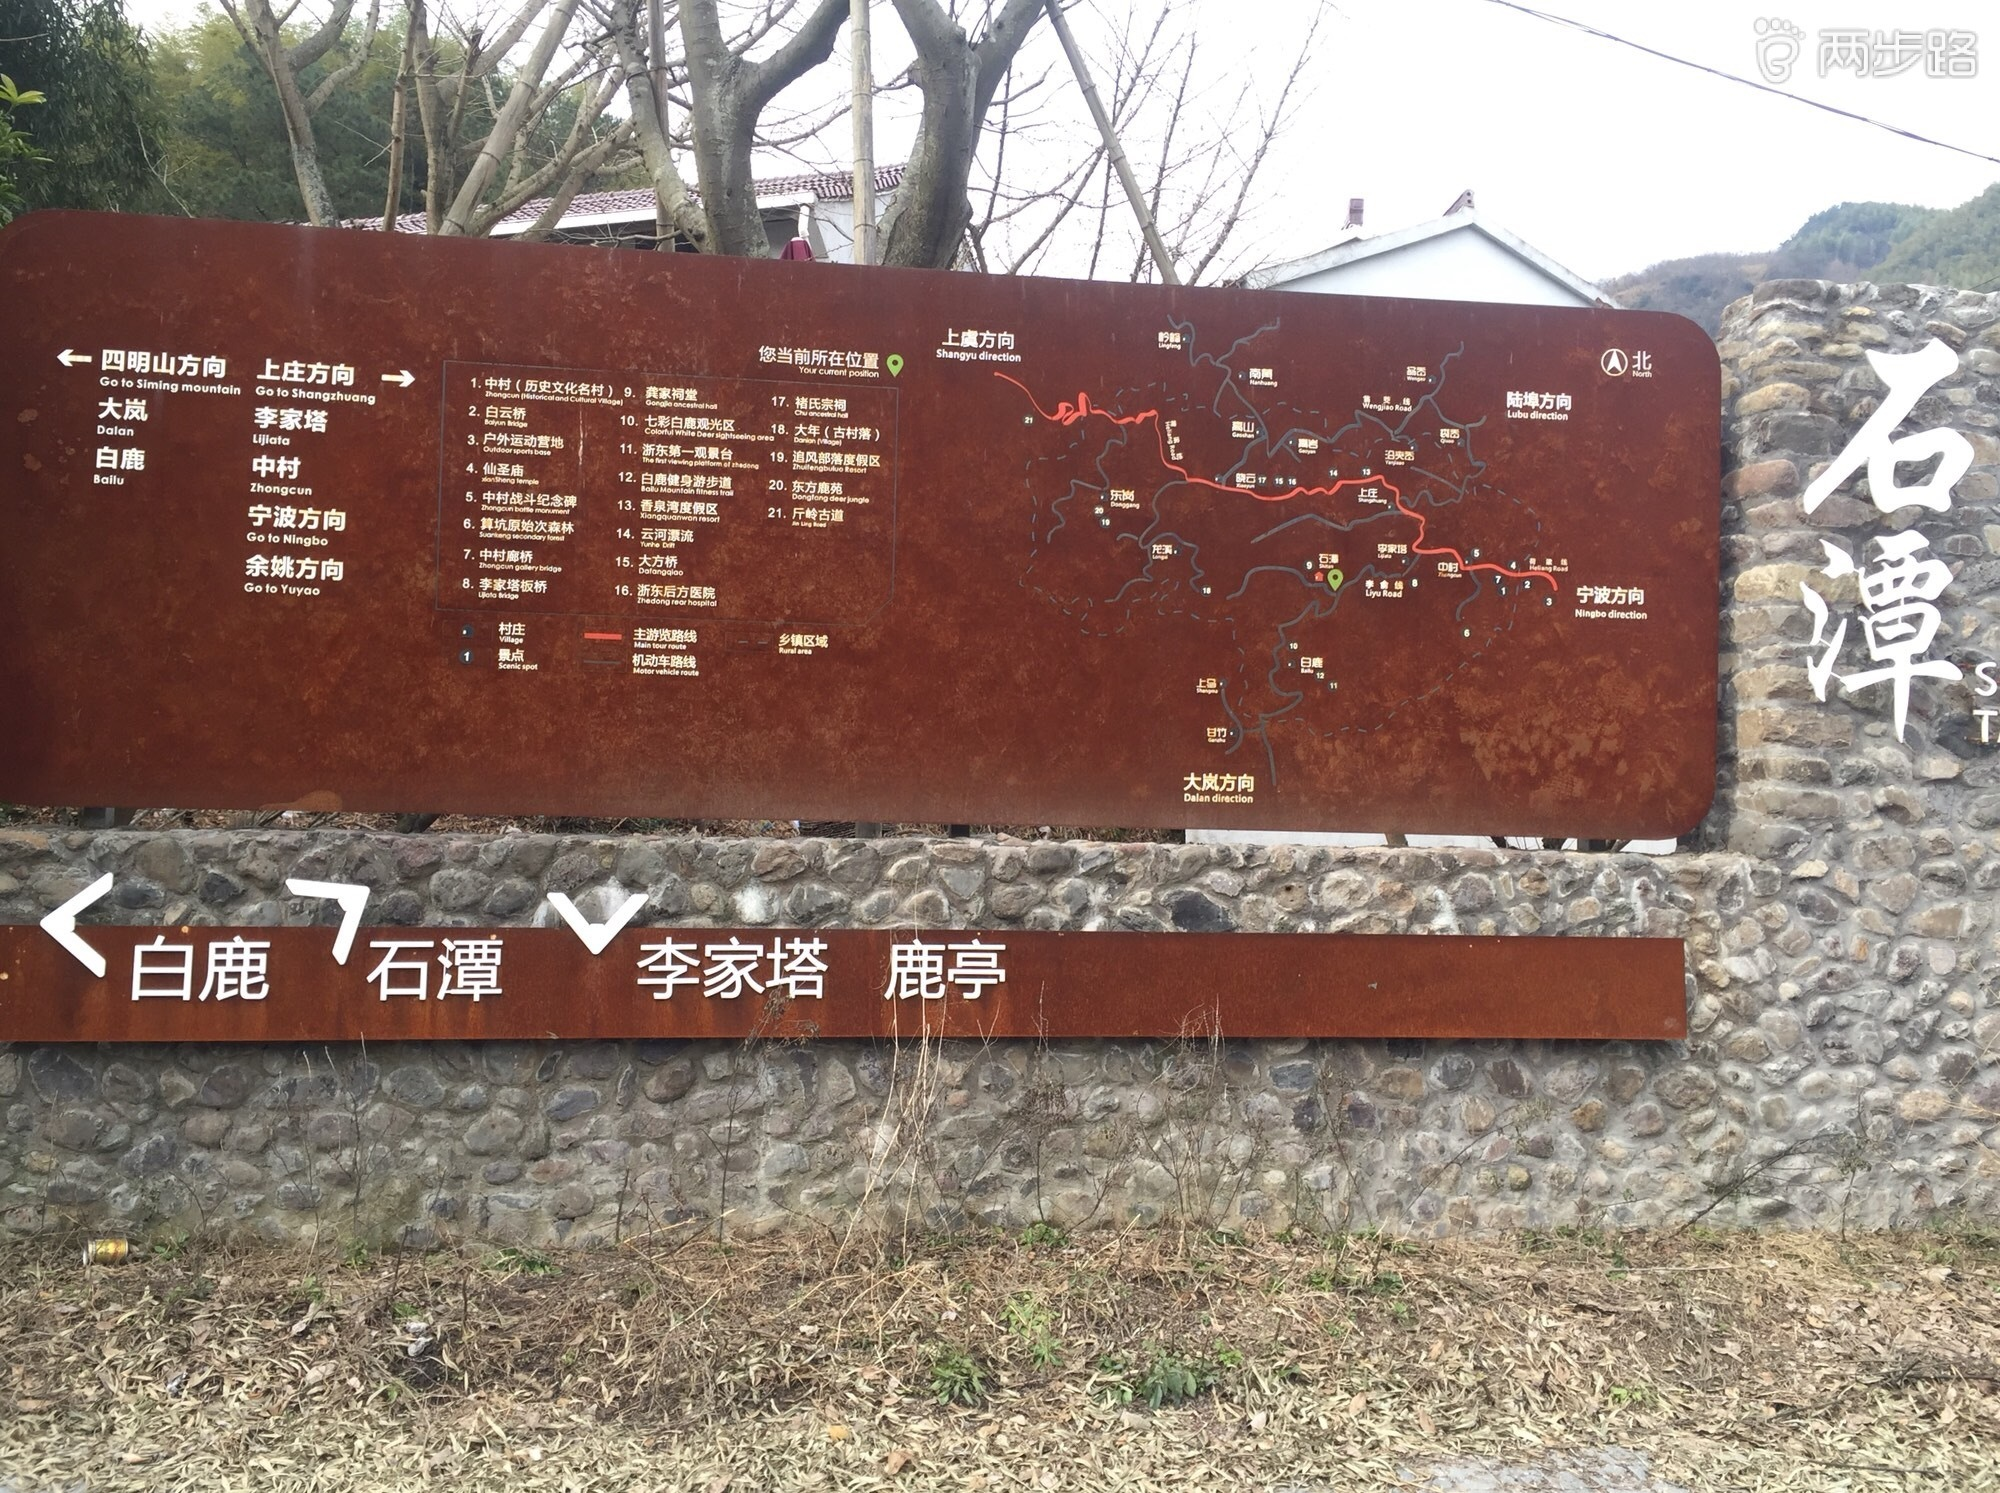 4.30余姚石潭村-白鹿村狮峰台